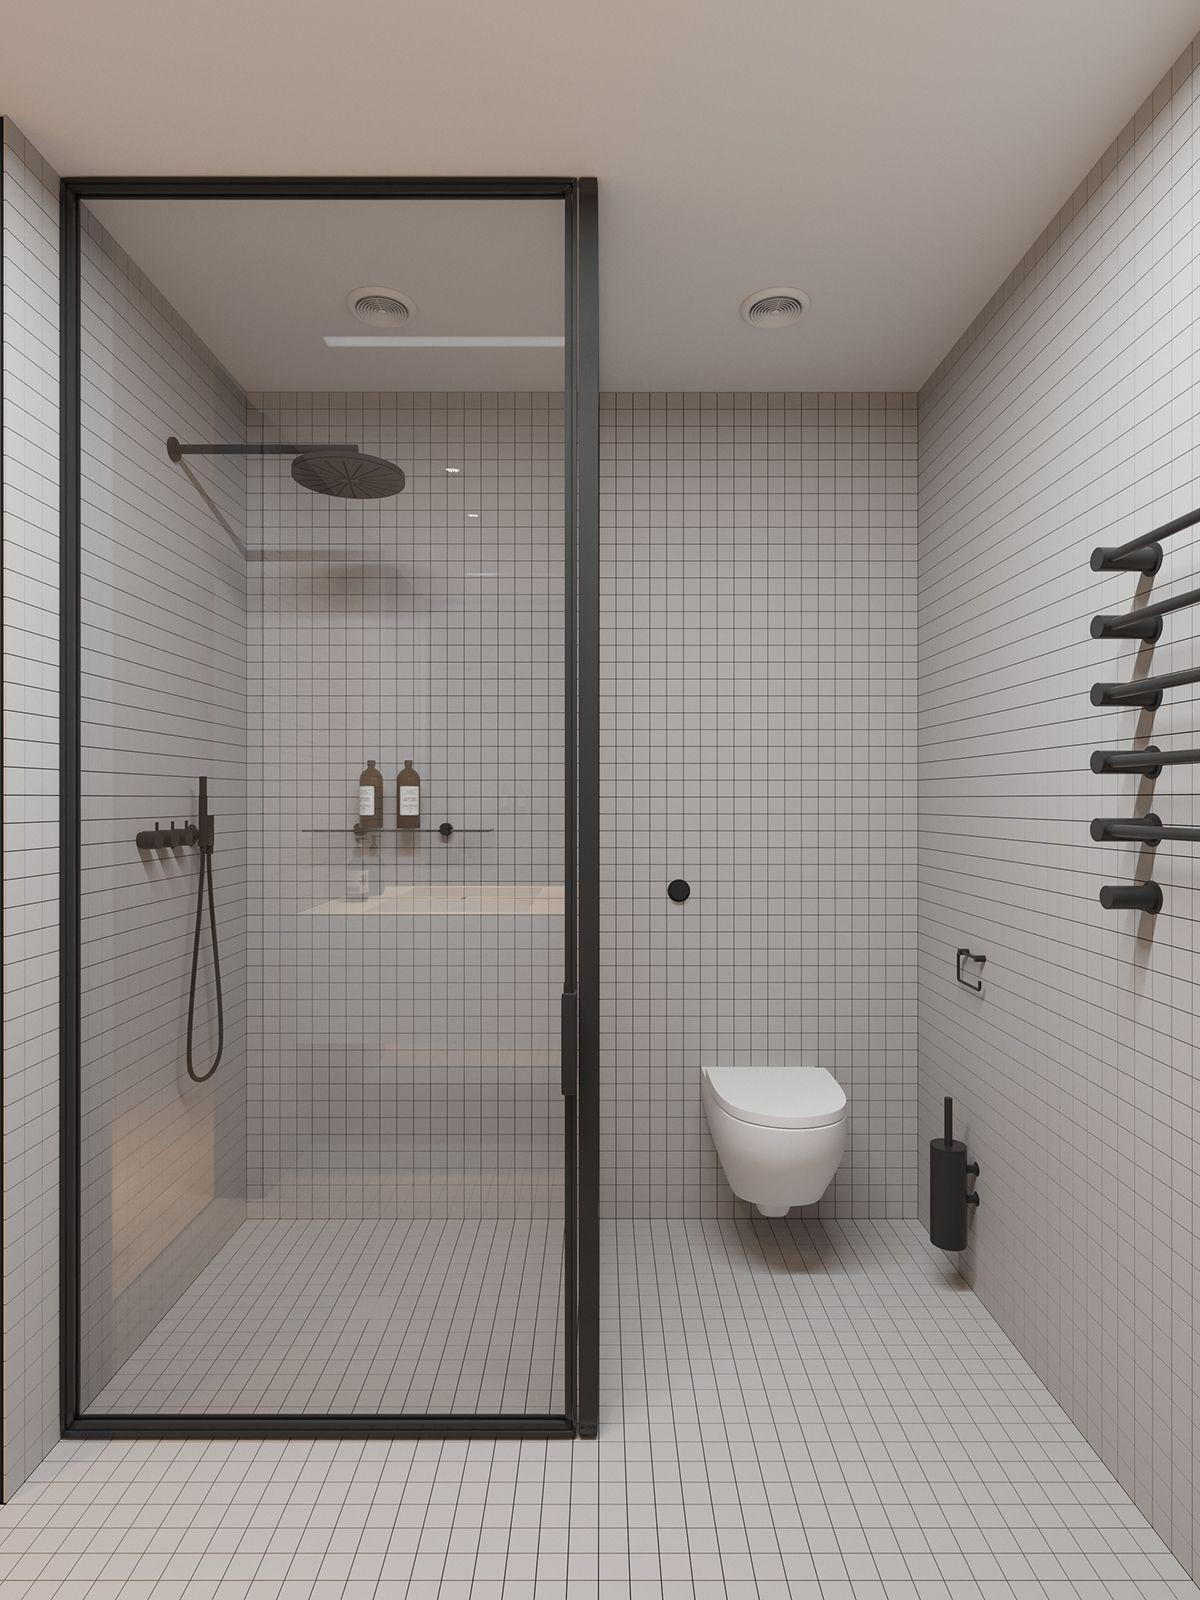 Nlights on Behance Small bathroom layout, Washroom